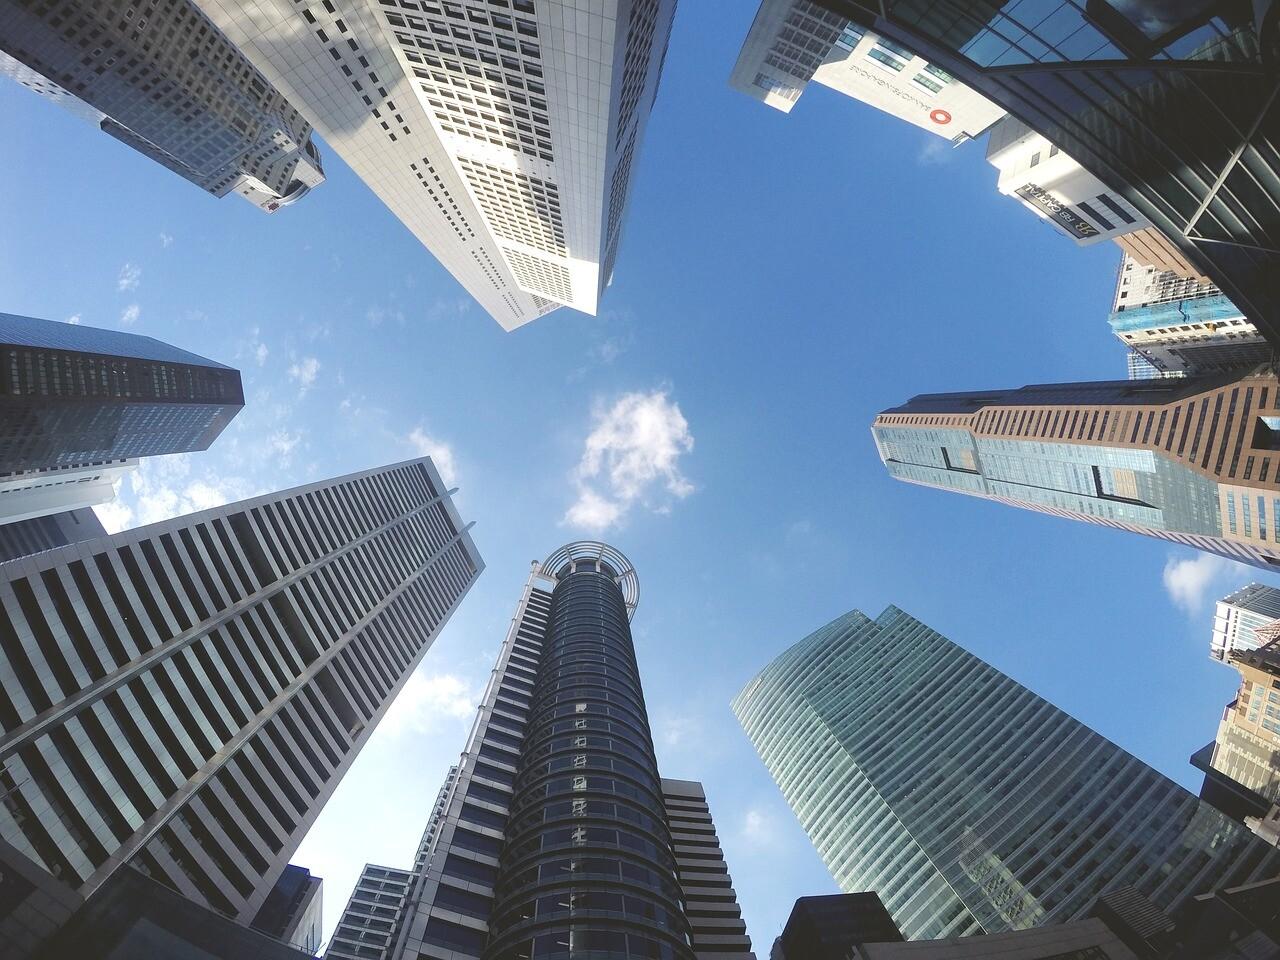 reconversion-inmobiliaria-oportunidad-en-el-mercado-de-real-estate-1-alt